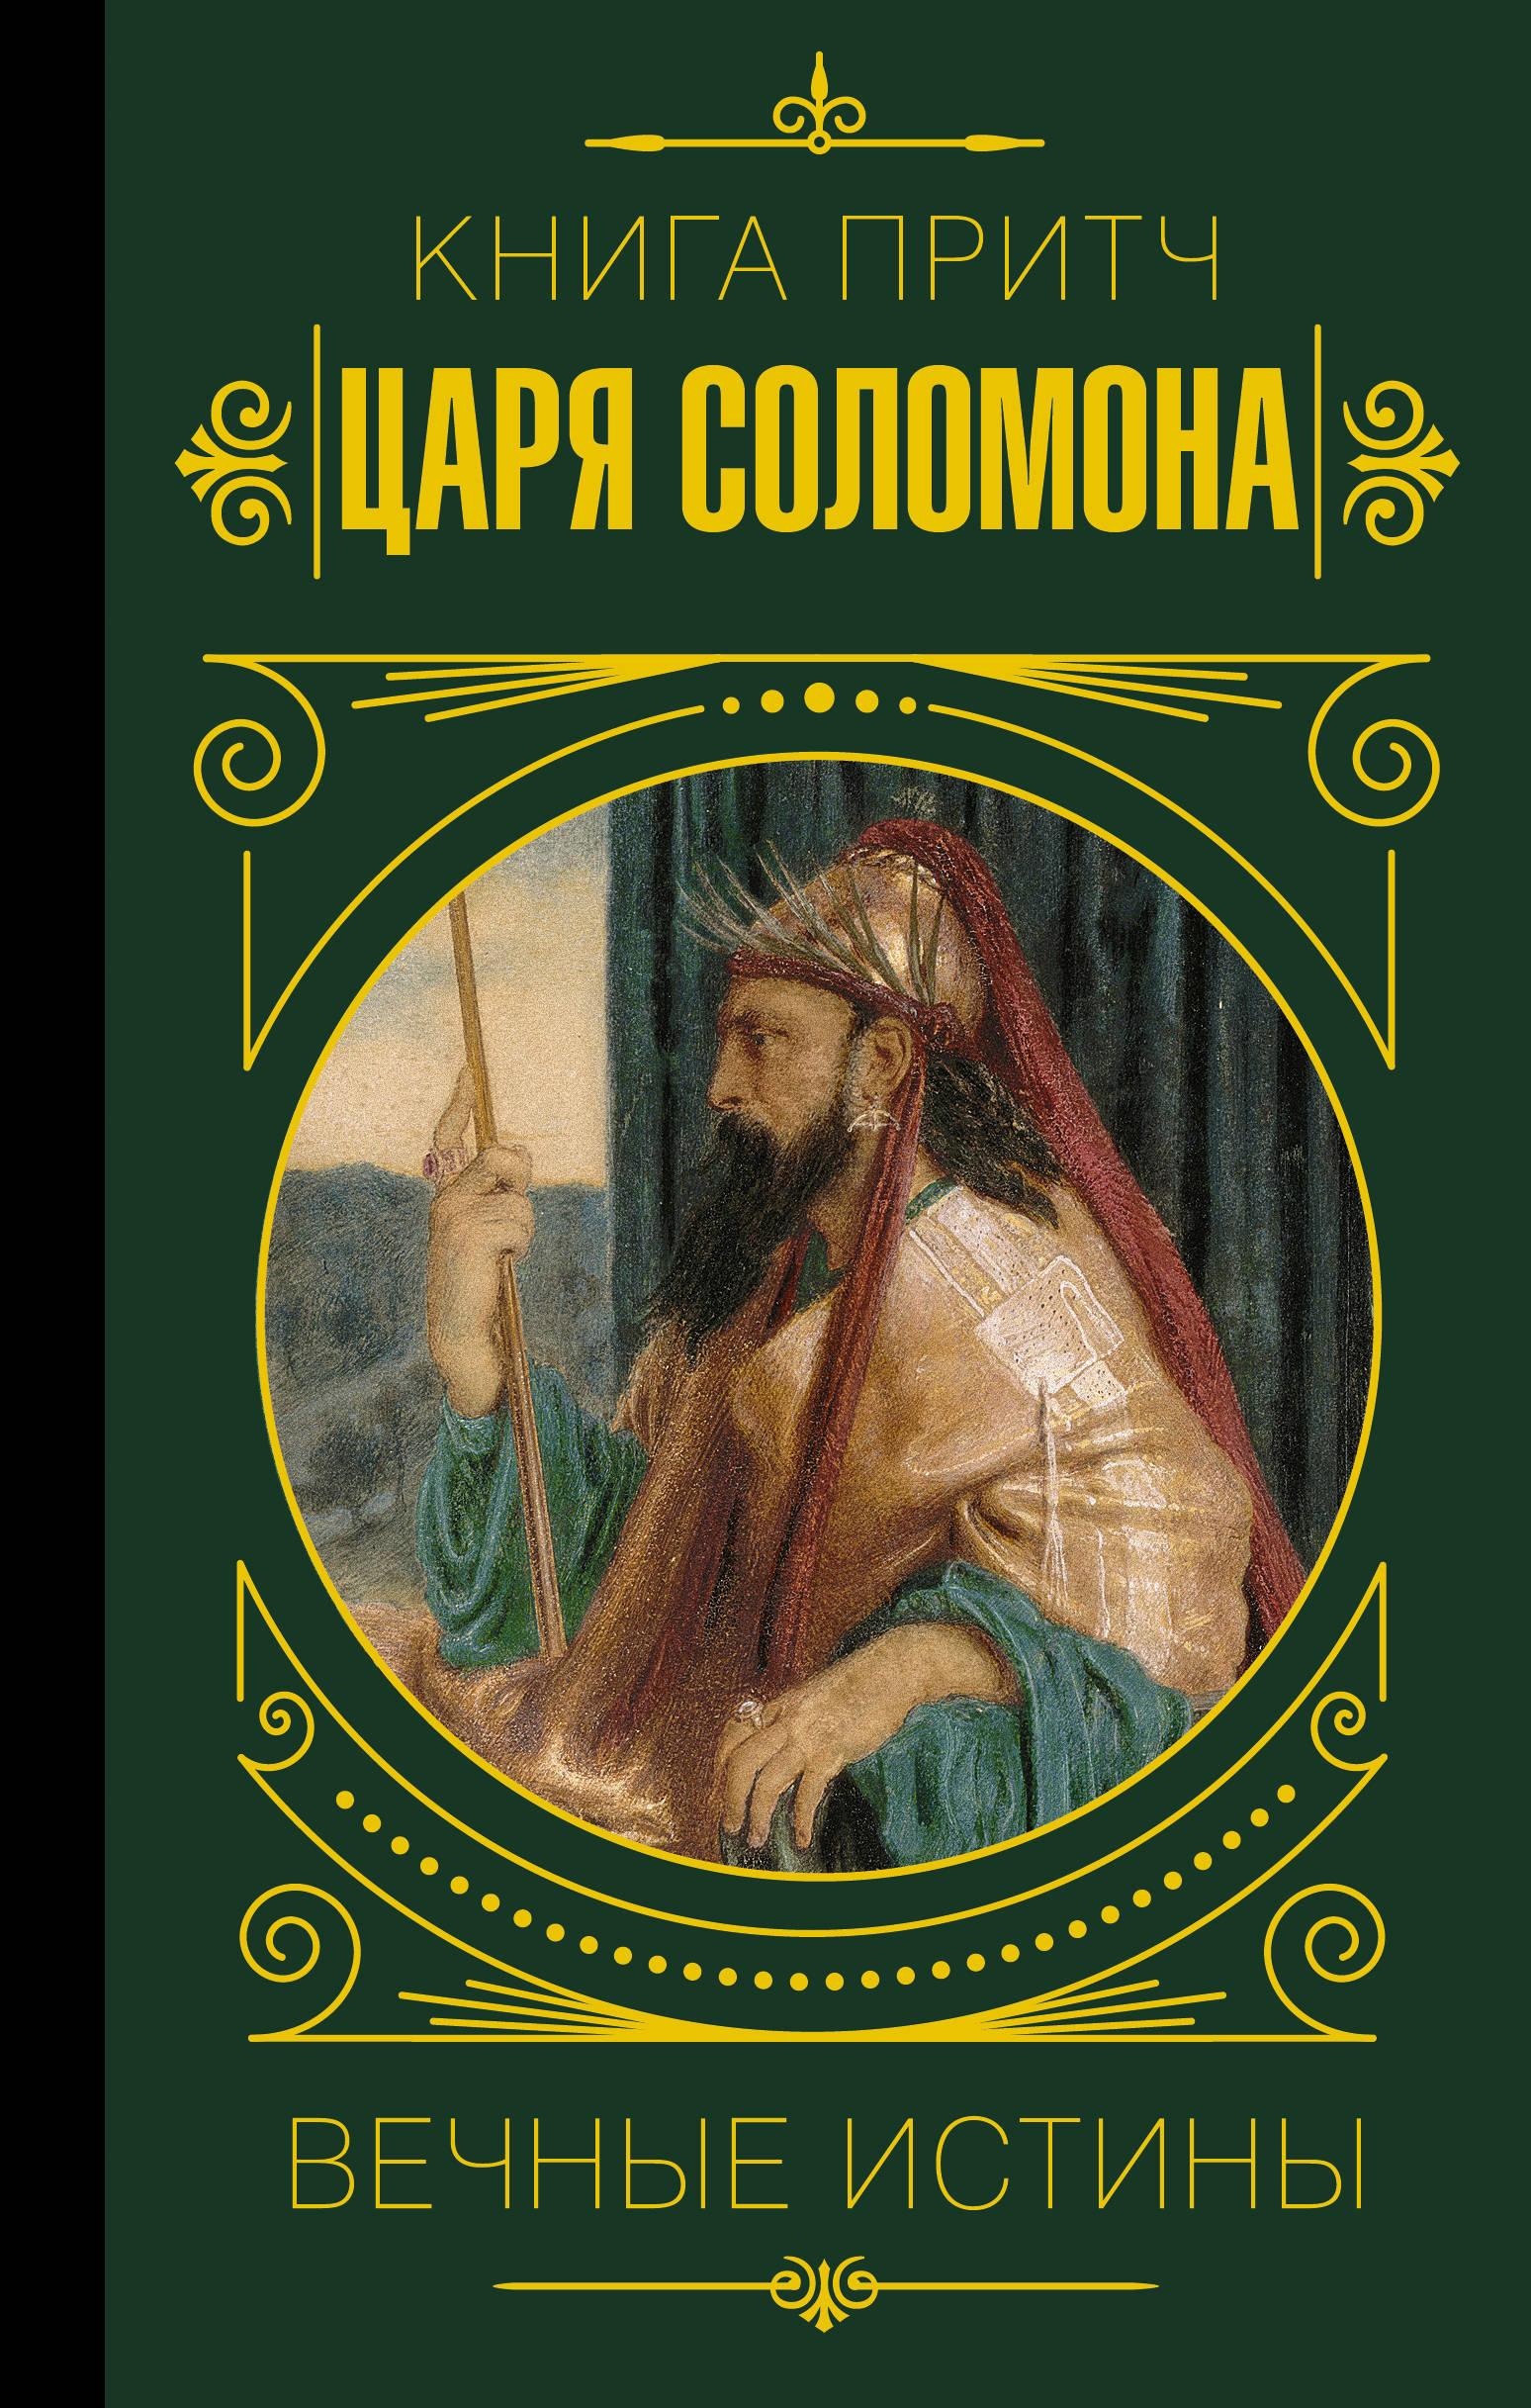 Книга притч царя Соломона большая книга афоризмов и притч мудрость христианства